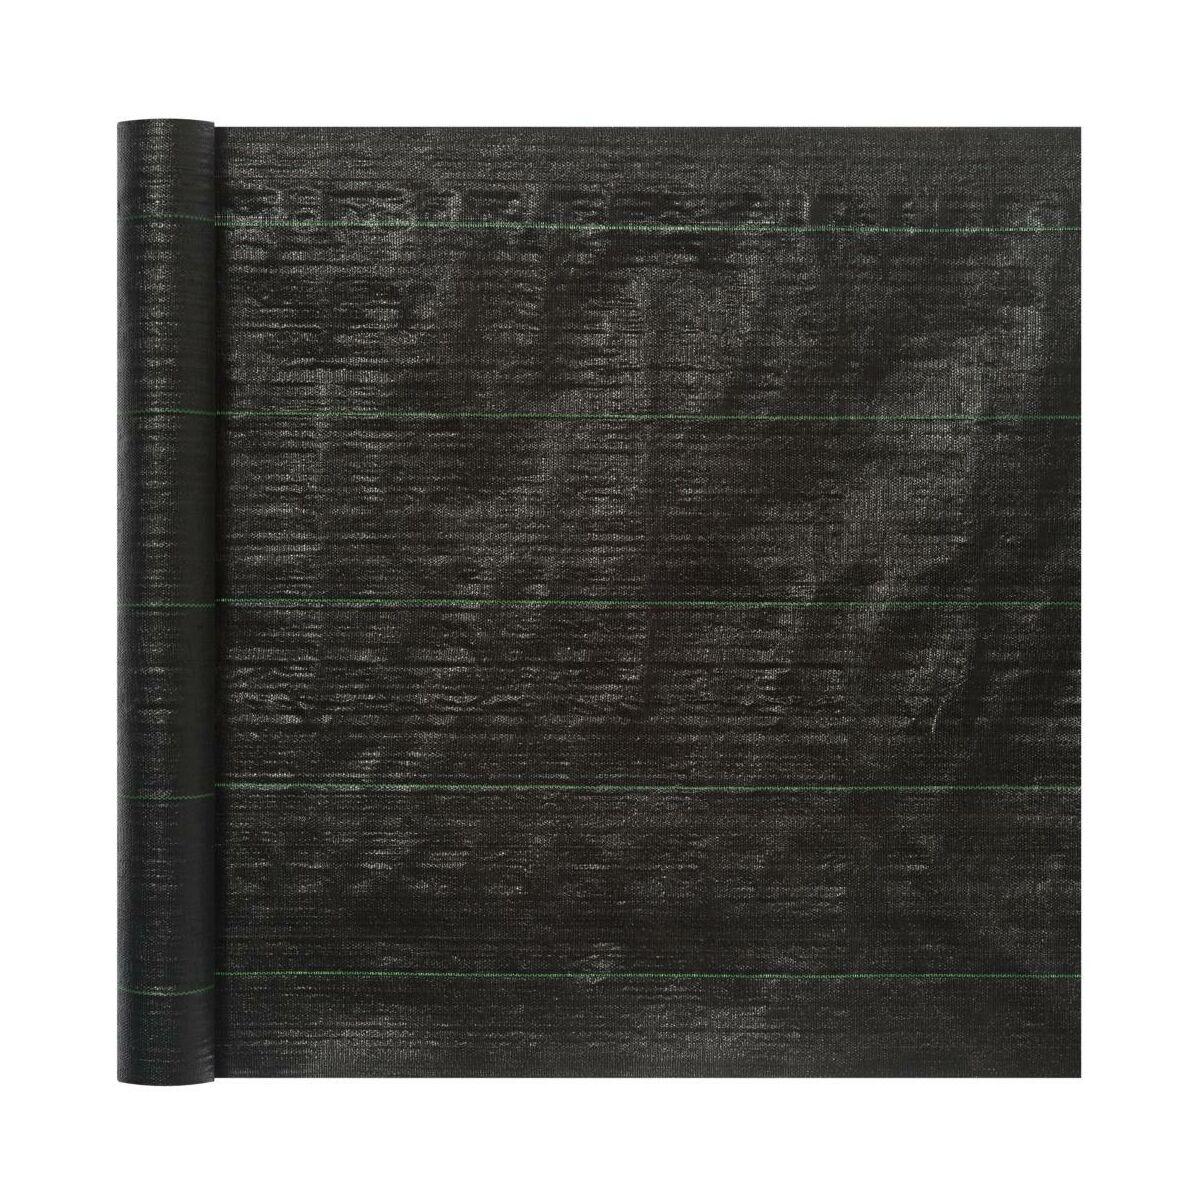 Tkanina Sciolkujaca 1m X 10m 70g M2 Czarna Agrowlokniny Tkaniny Sciolkujace W Atrakcyjnej Cenie W Sklepach Leroy Merlin